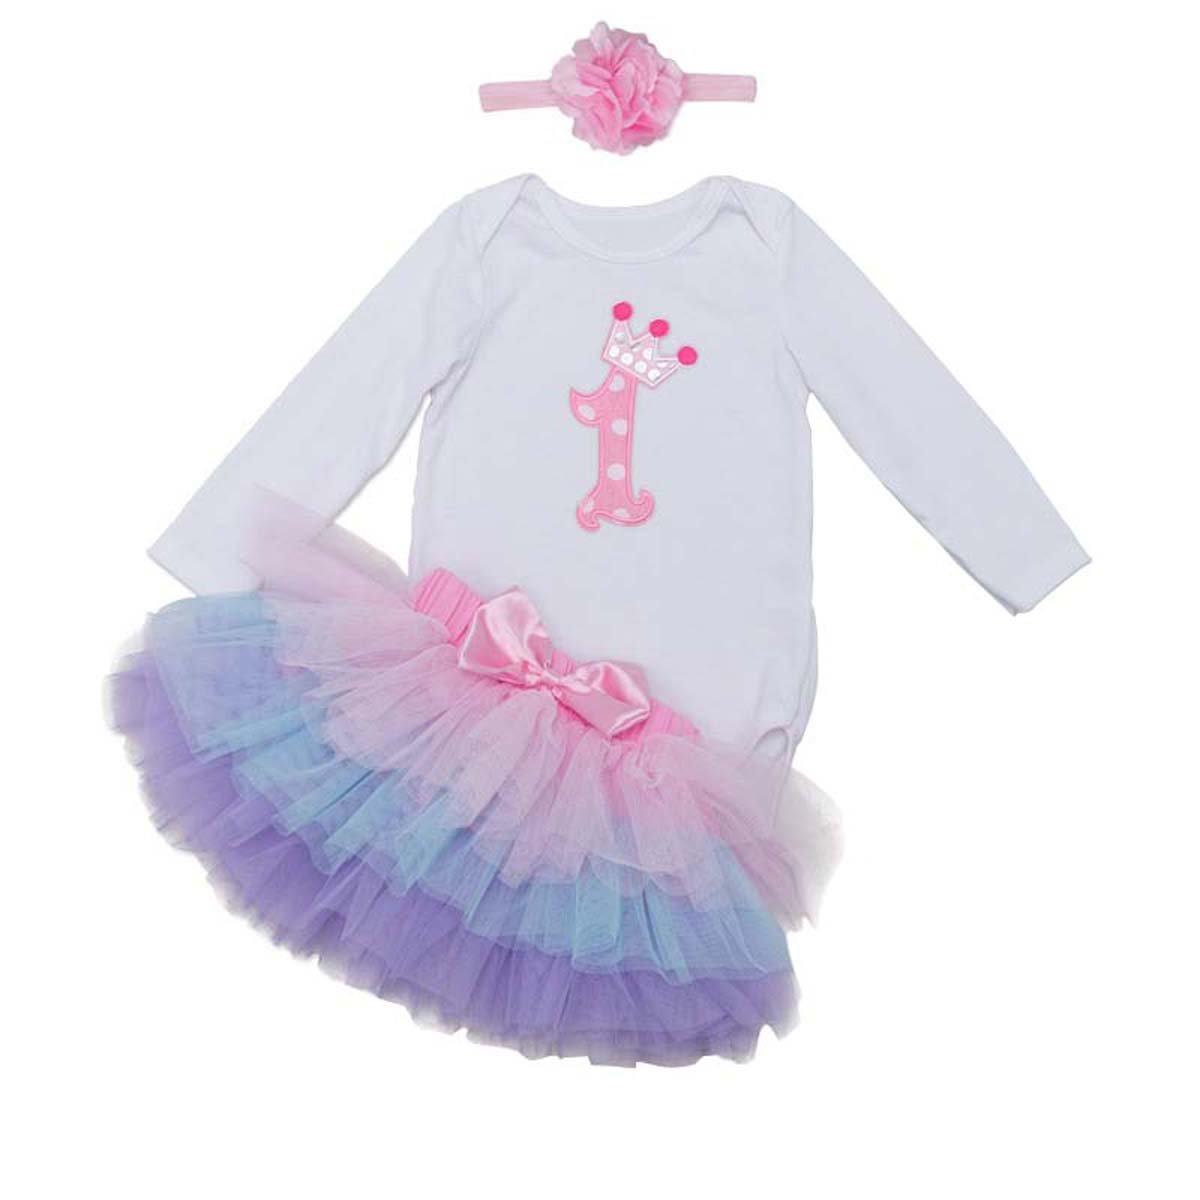 BabyPreg Bambina vestito primo vestito da partito vestito vestito Tutu Lunghezza manica lunga